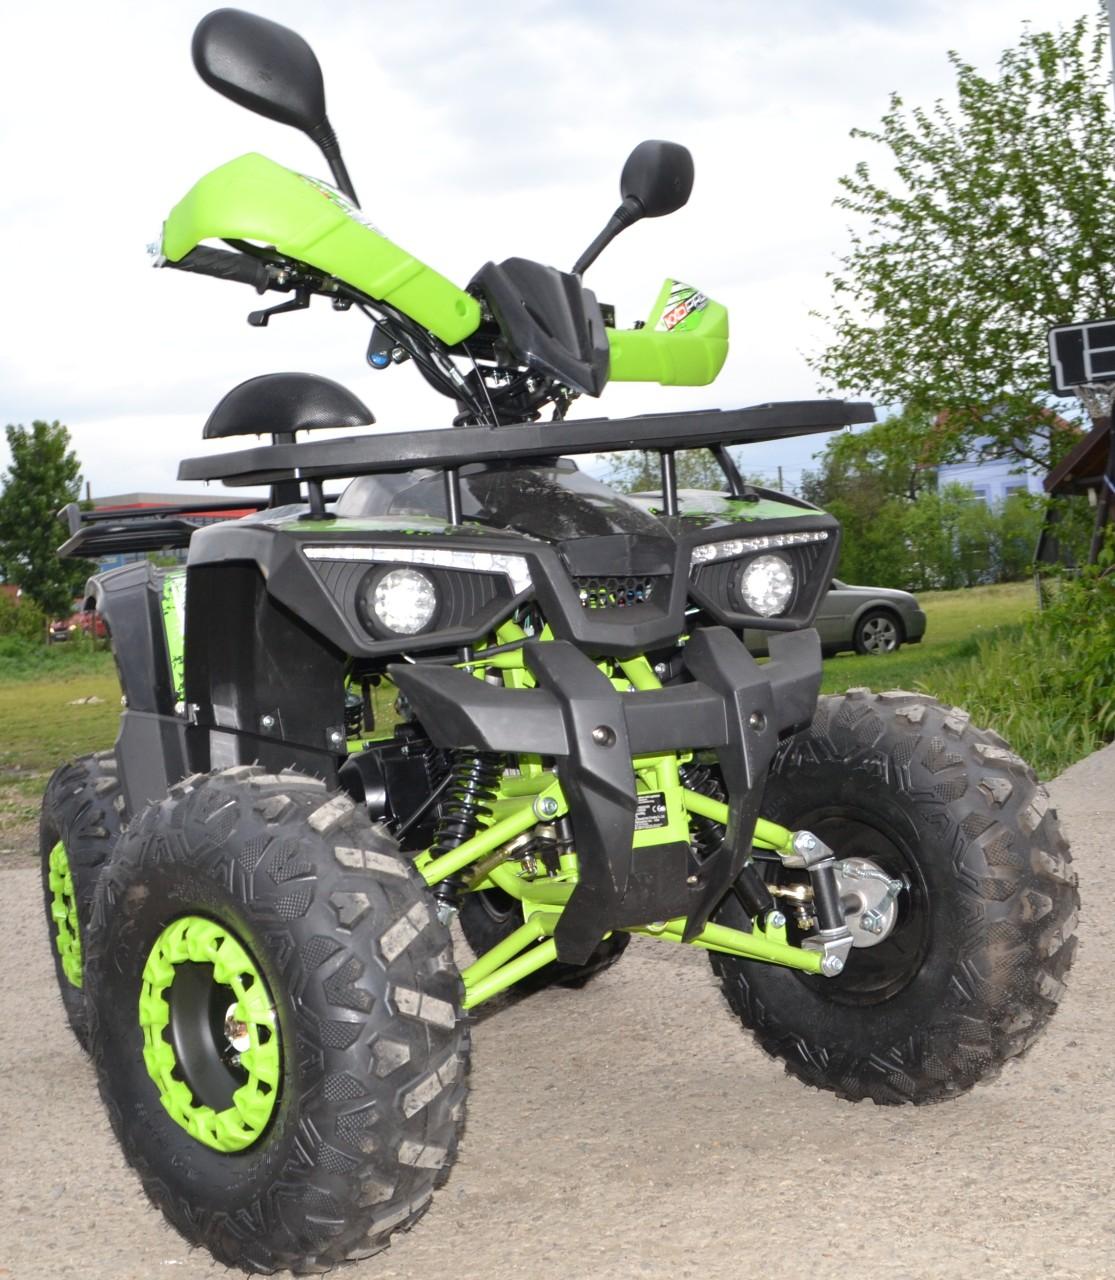 ATV Nitro Quad Marshh 125cc